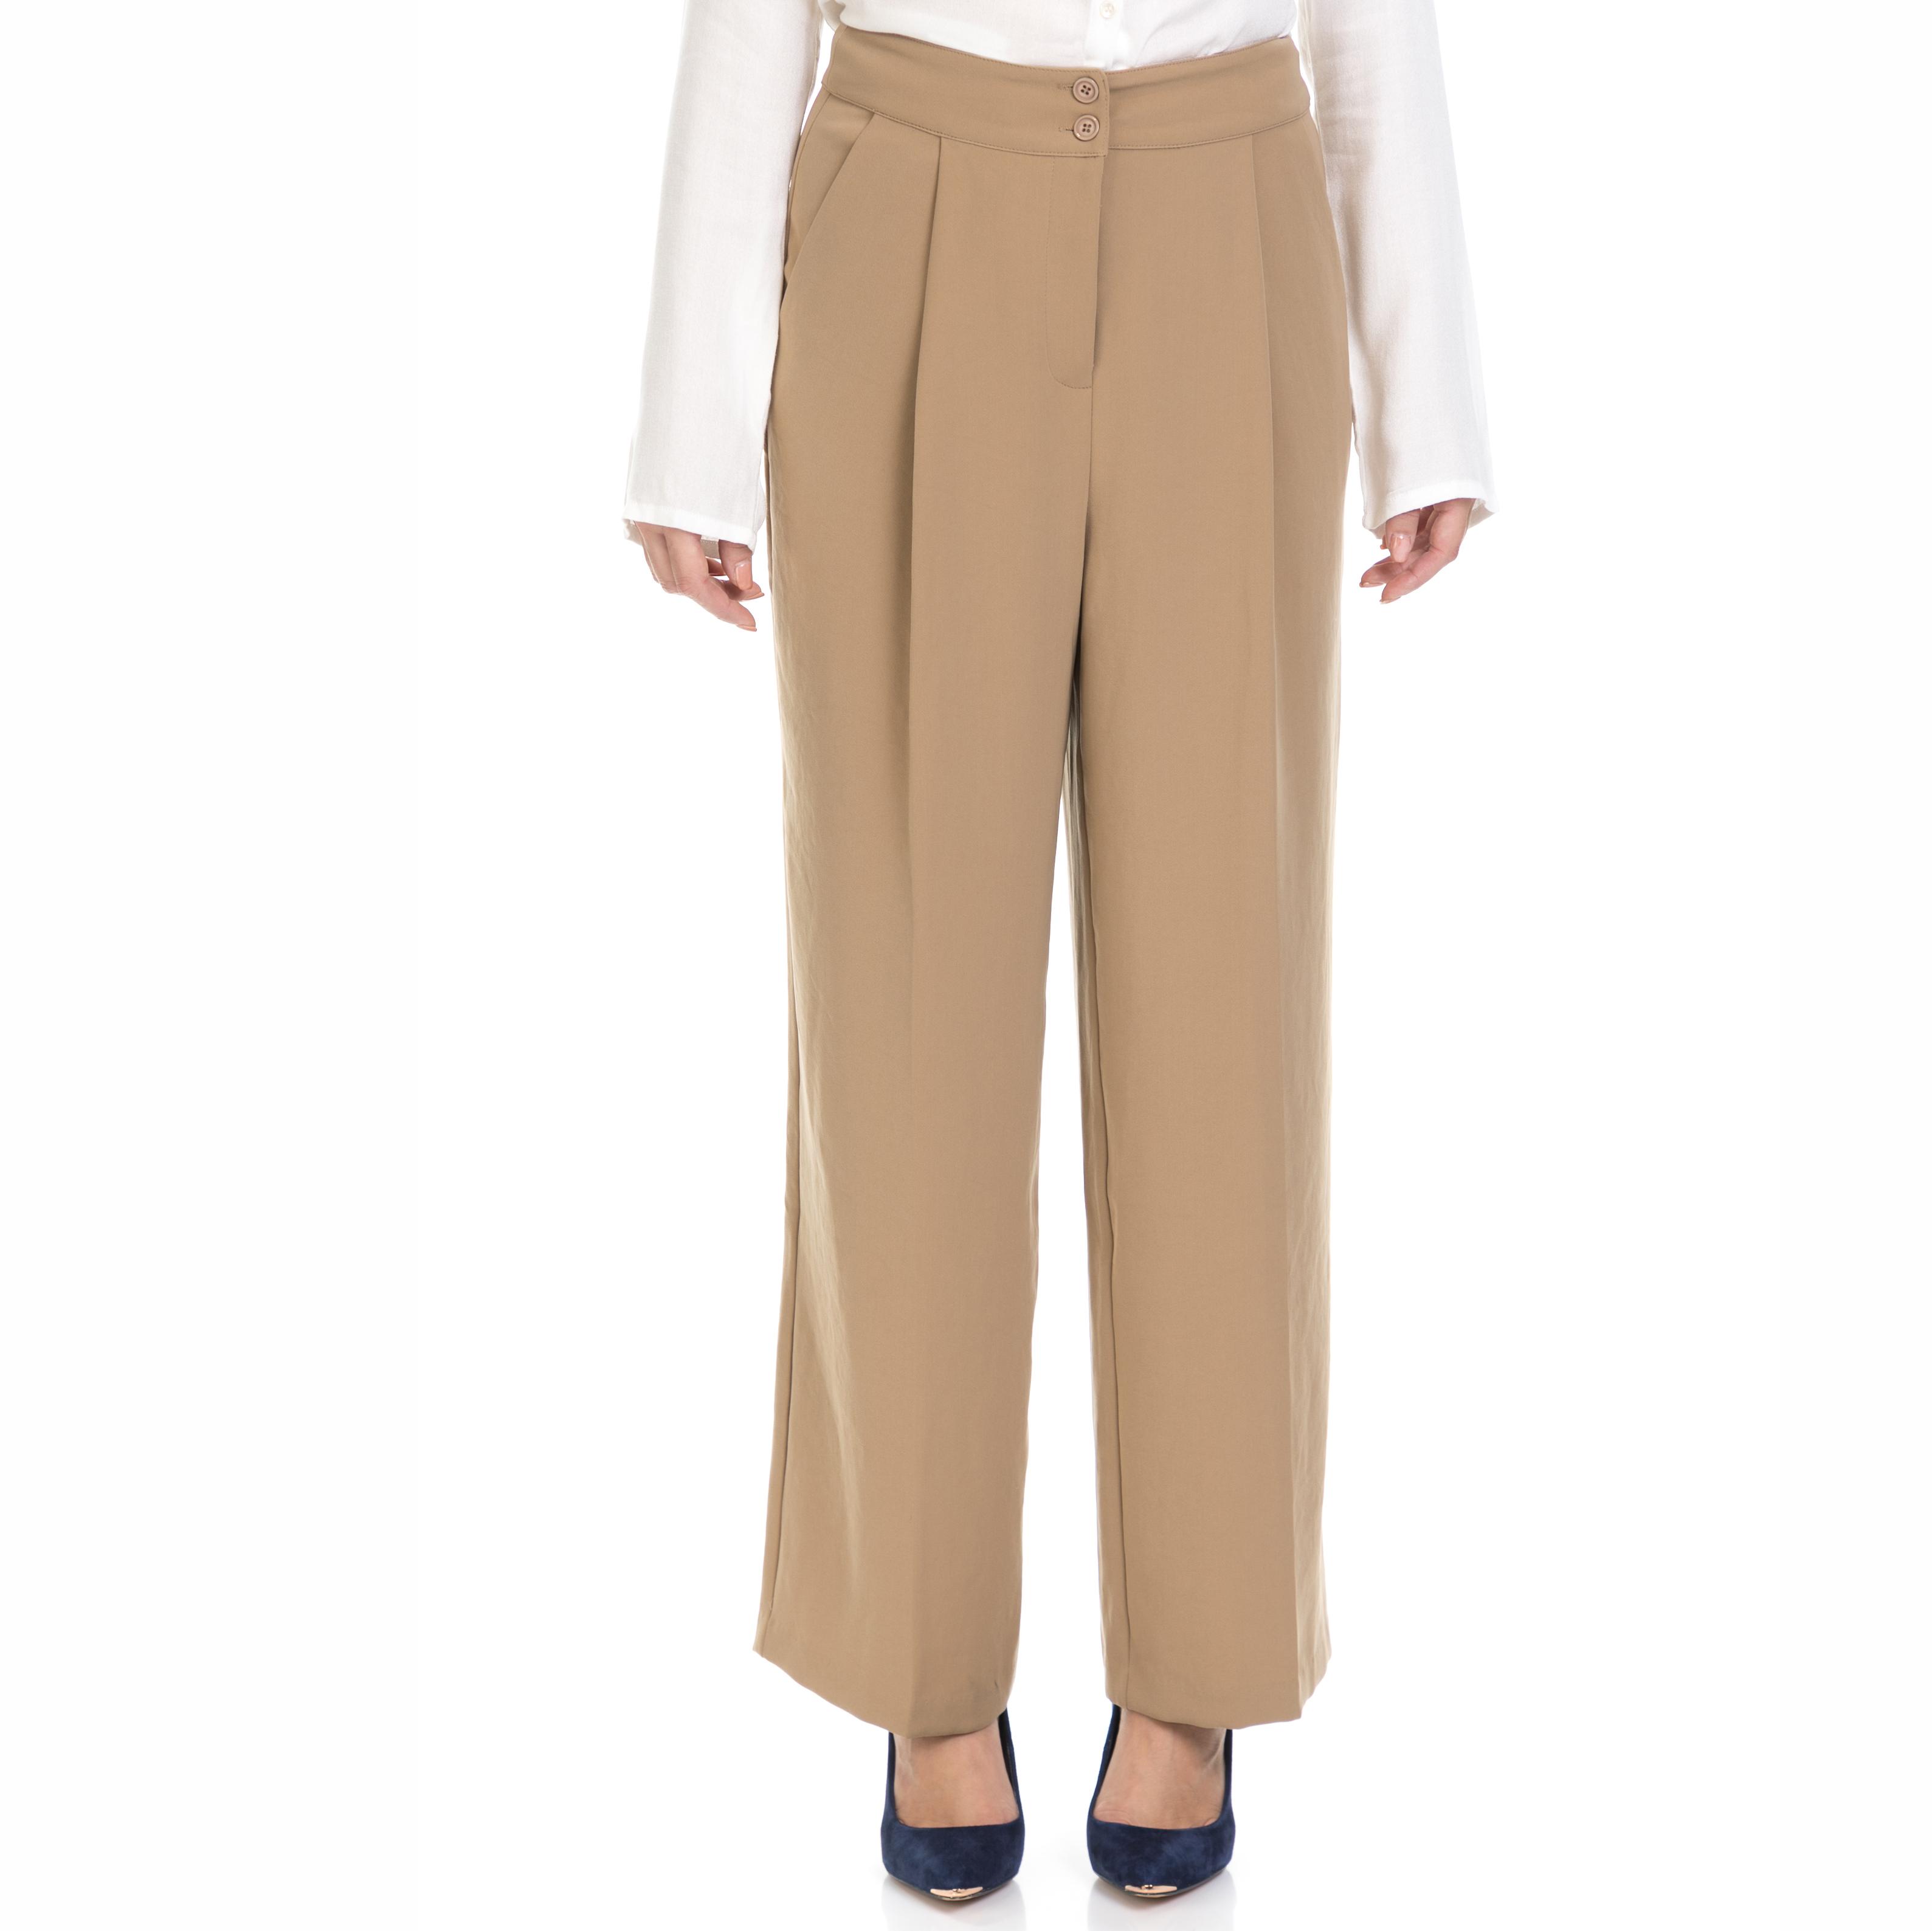 AMERICAN VINTAGE – Γυναικείο παντελόνι American Vintage μπεζ